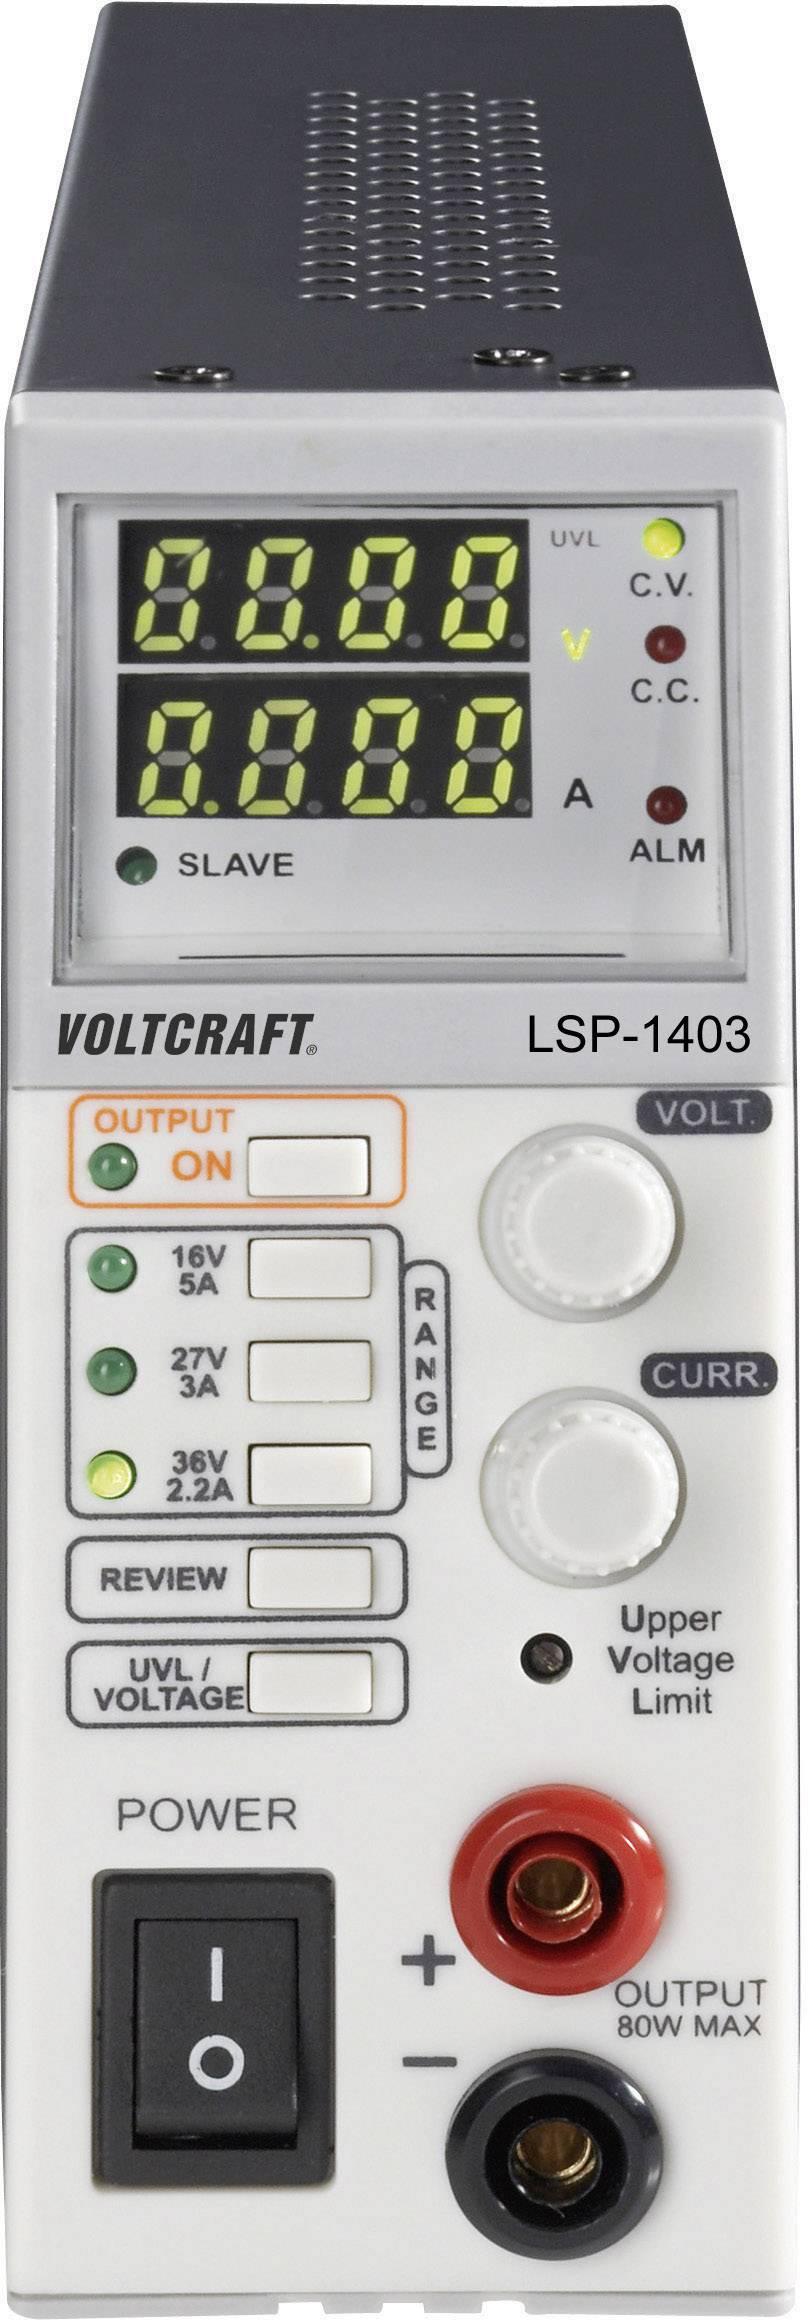 Laboratórny zdroj Voltcraft LSP-1403 Slim-Tower, 0 - 36 V, 0 - 5 A